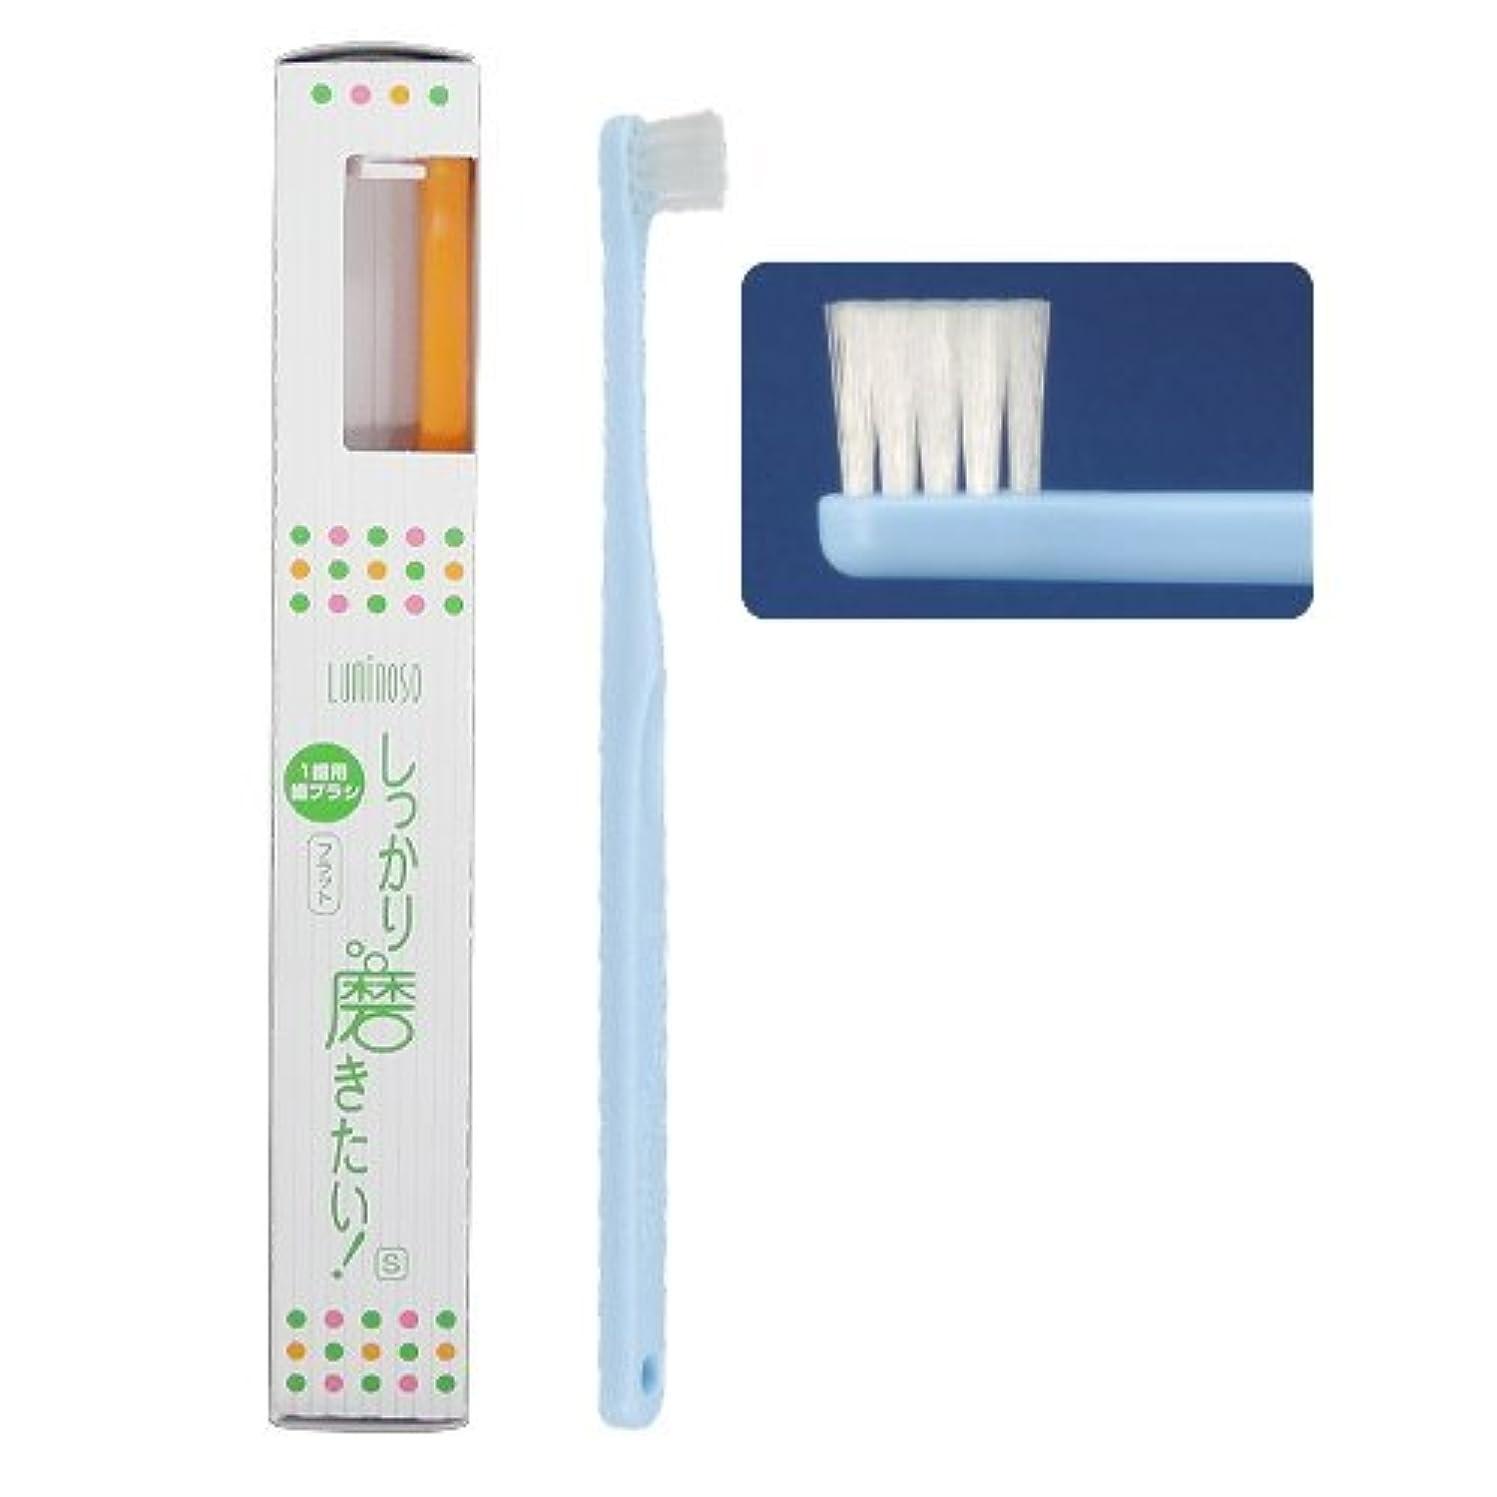 カタログカリキュラム東部ルミノソ 1歯用歯ブラシ 「しっかり磨きたい!」 フラット ソフト (カラー指定不可) 3本